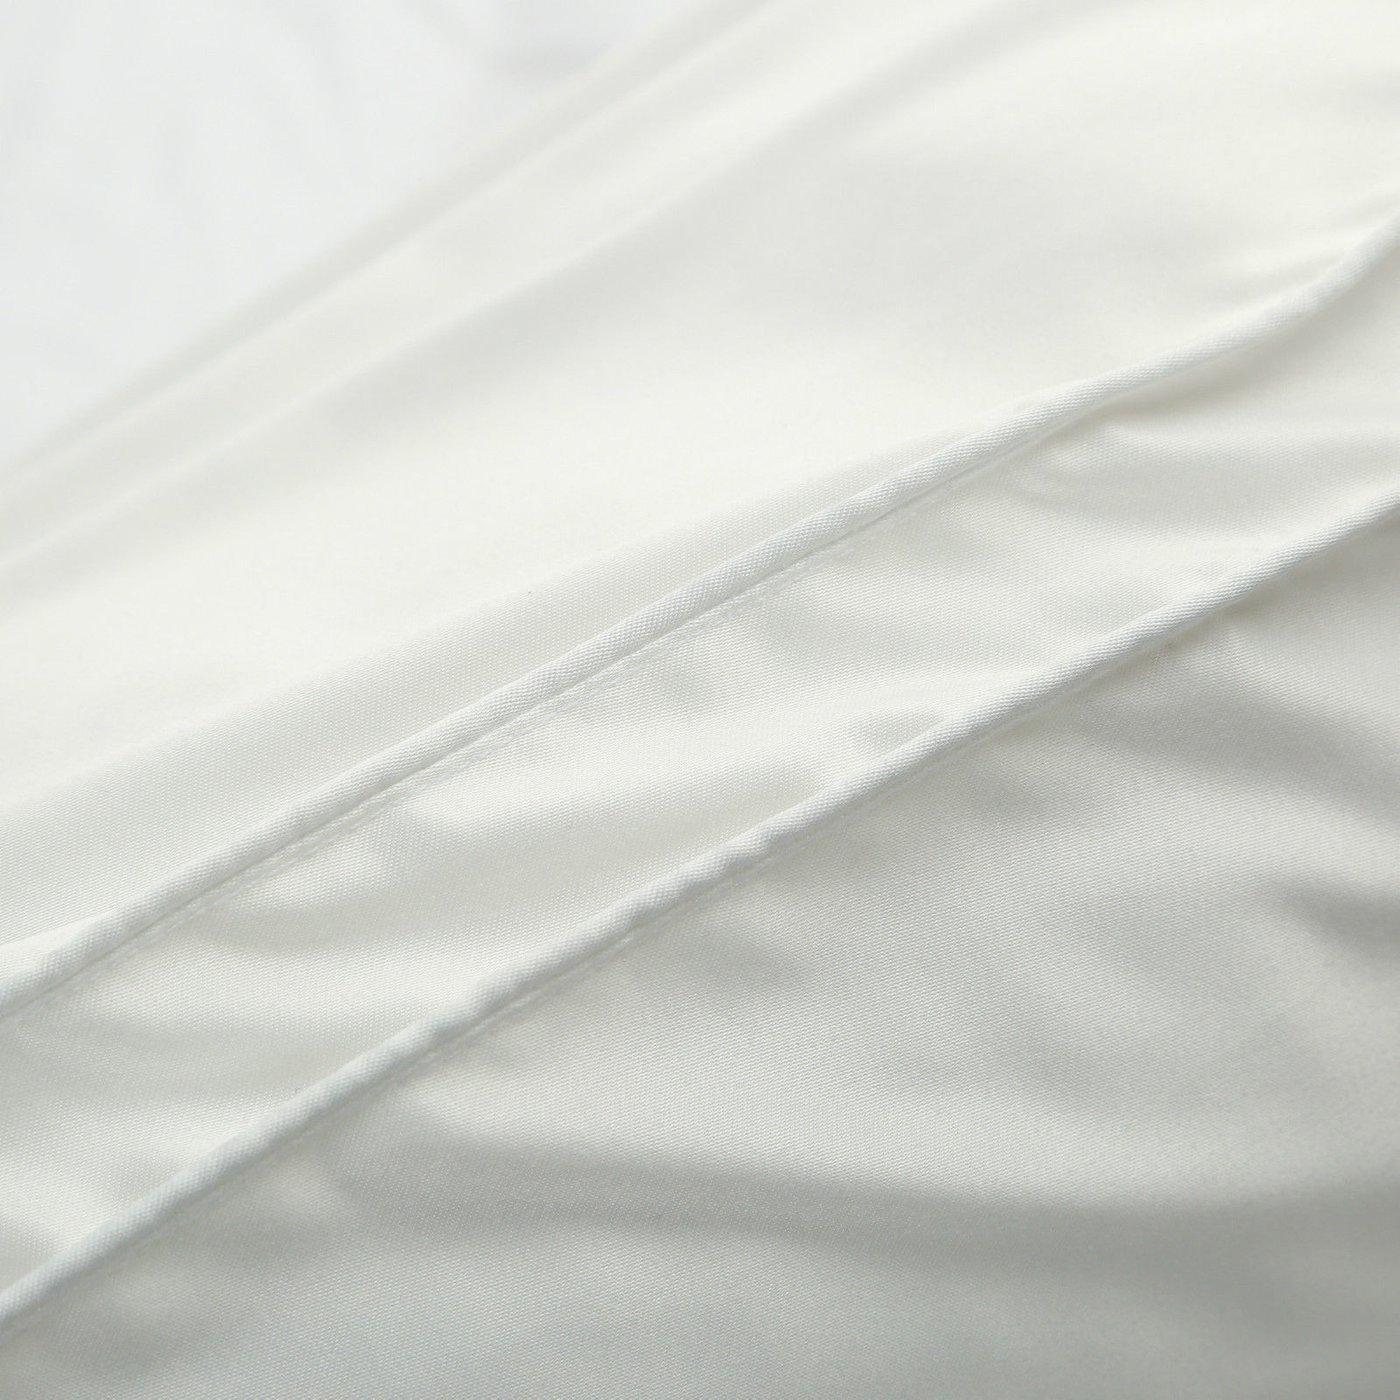 100/% Plumas de Ganso h/úngaro 1 x Pillow Blanco Kensingtons Lujoso 100/% Ganso h/úngaro Almohada Nieve Blanco Calidad de Hotel 500/Hilos algod/ón Cubierta